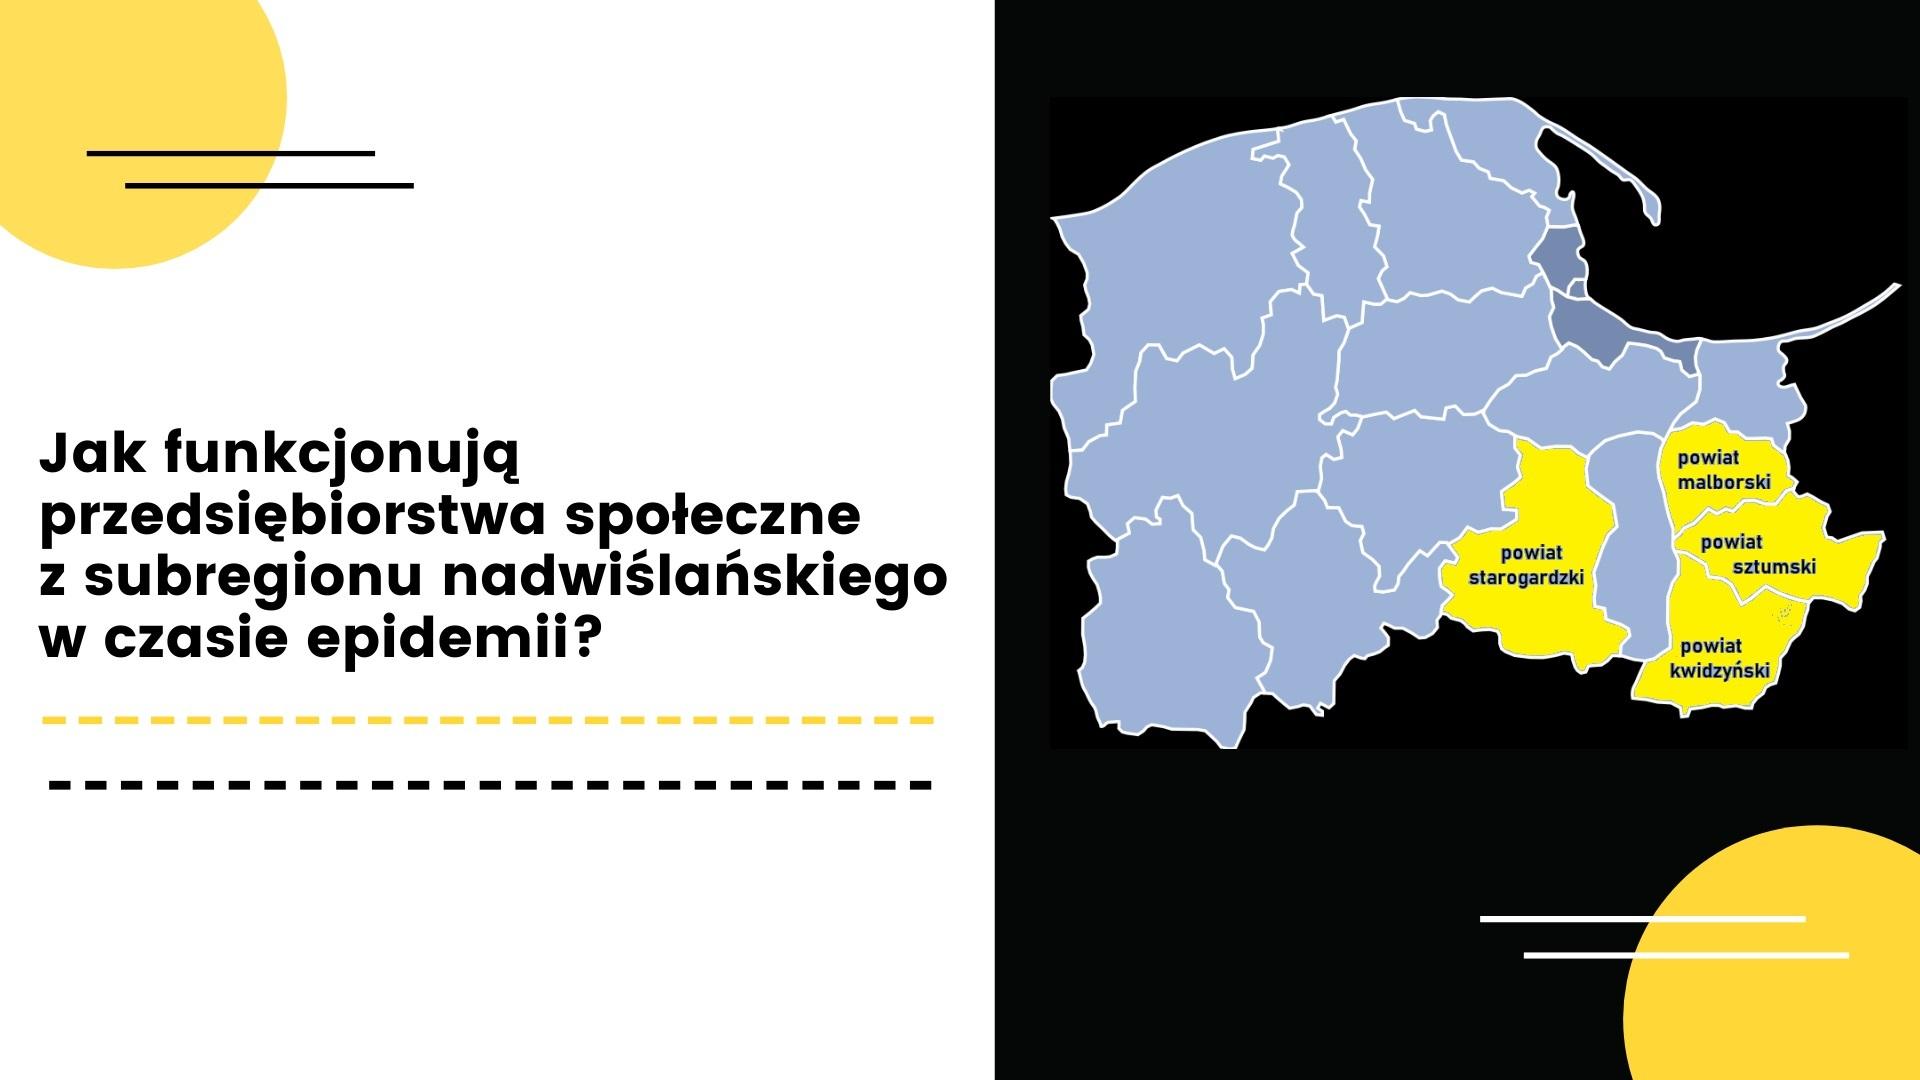 Jak funkcjonują przedsiębiorstwa społeczne z subregionu nadwiślańskiego w czasie epidemii?